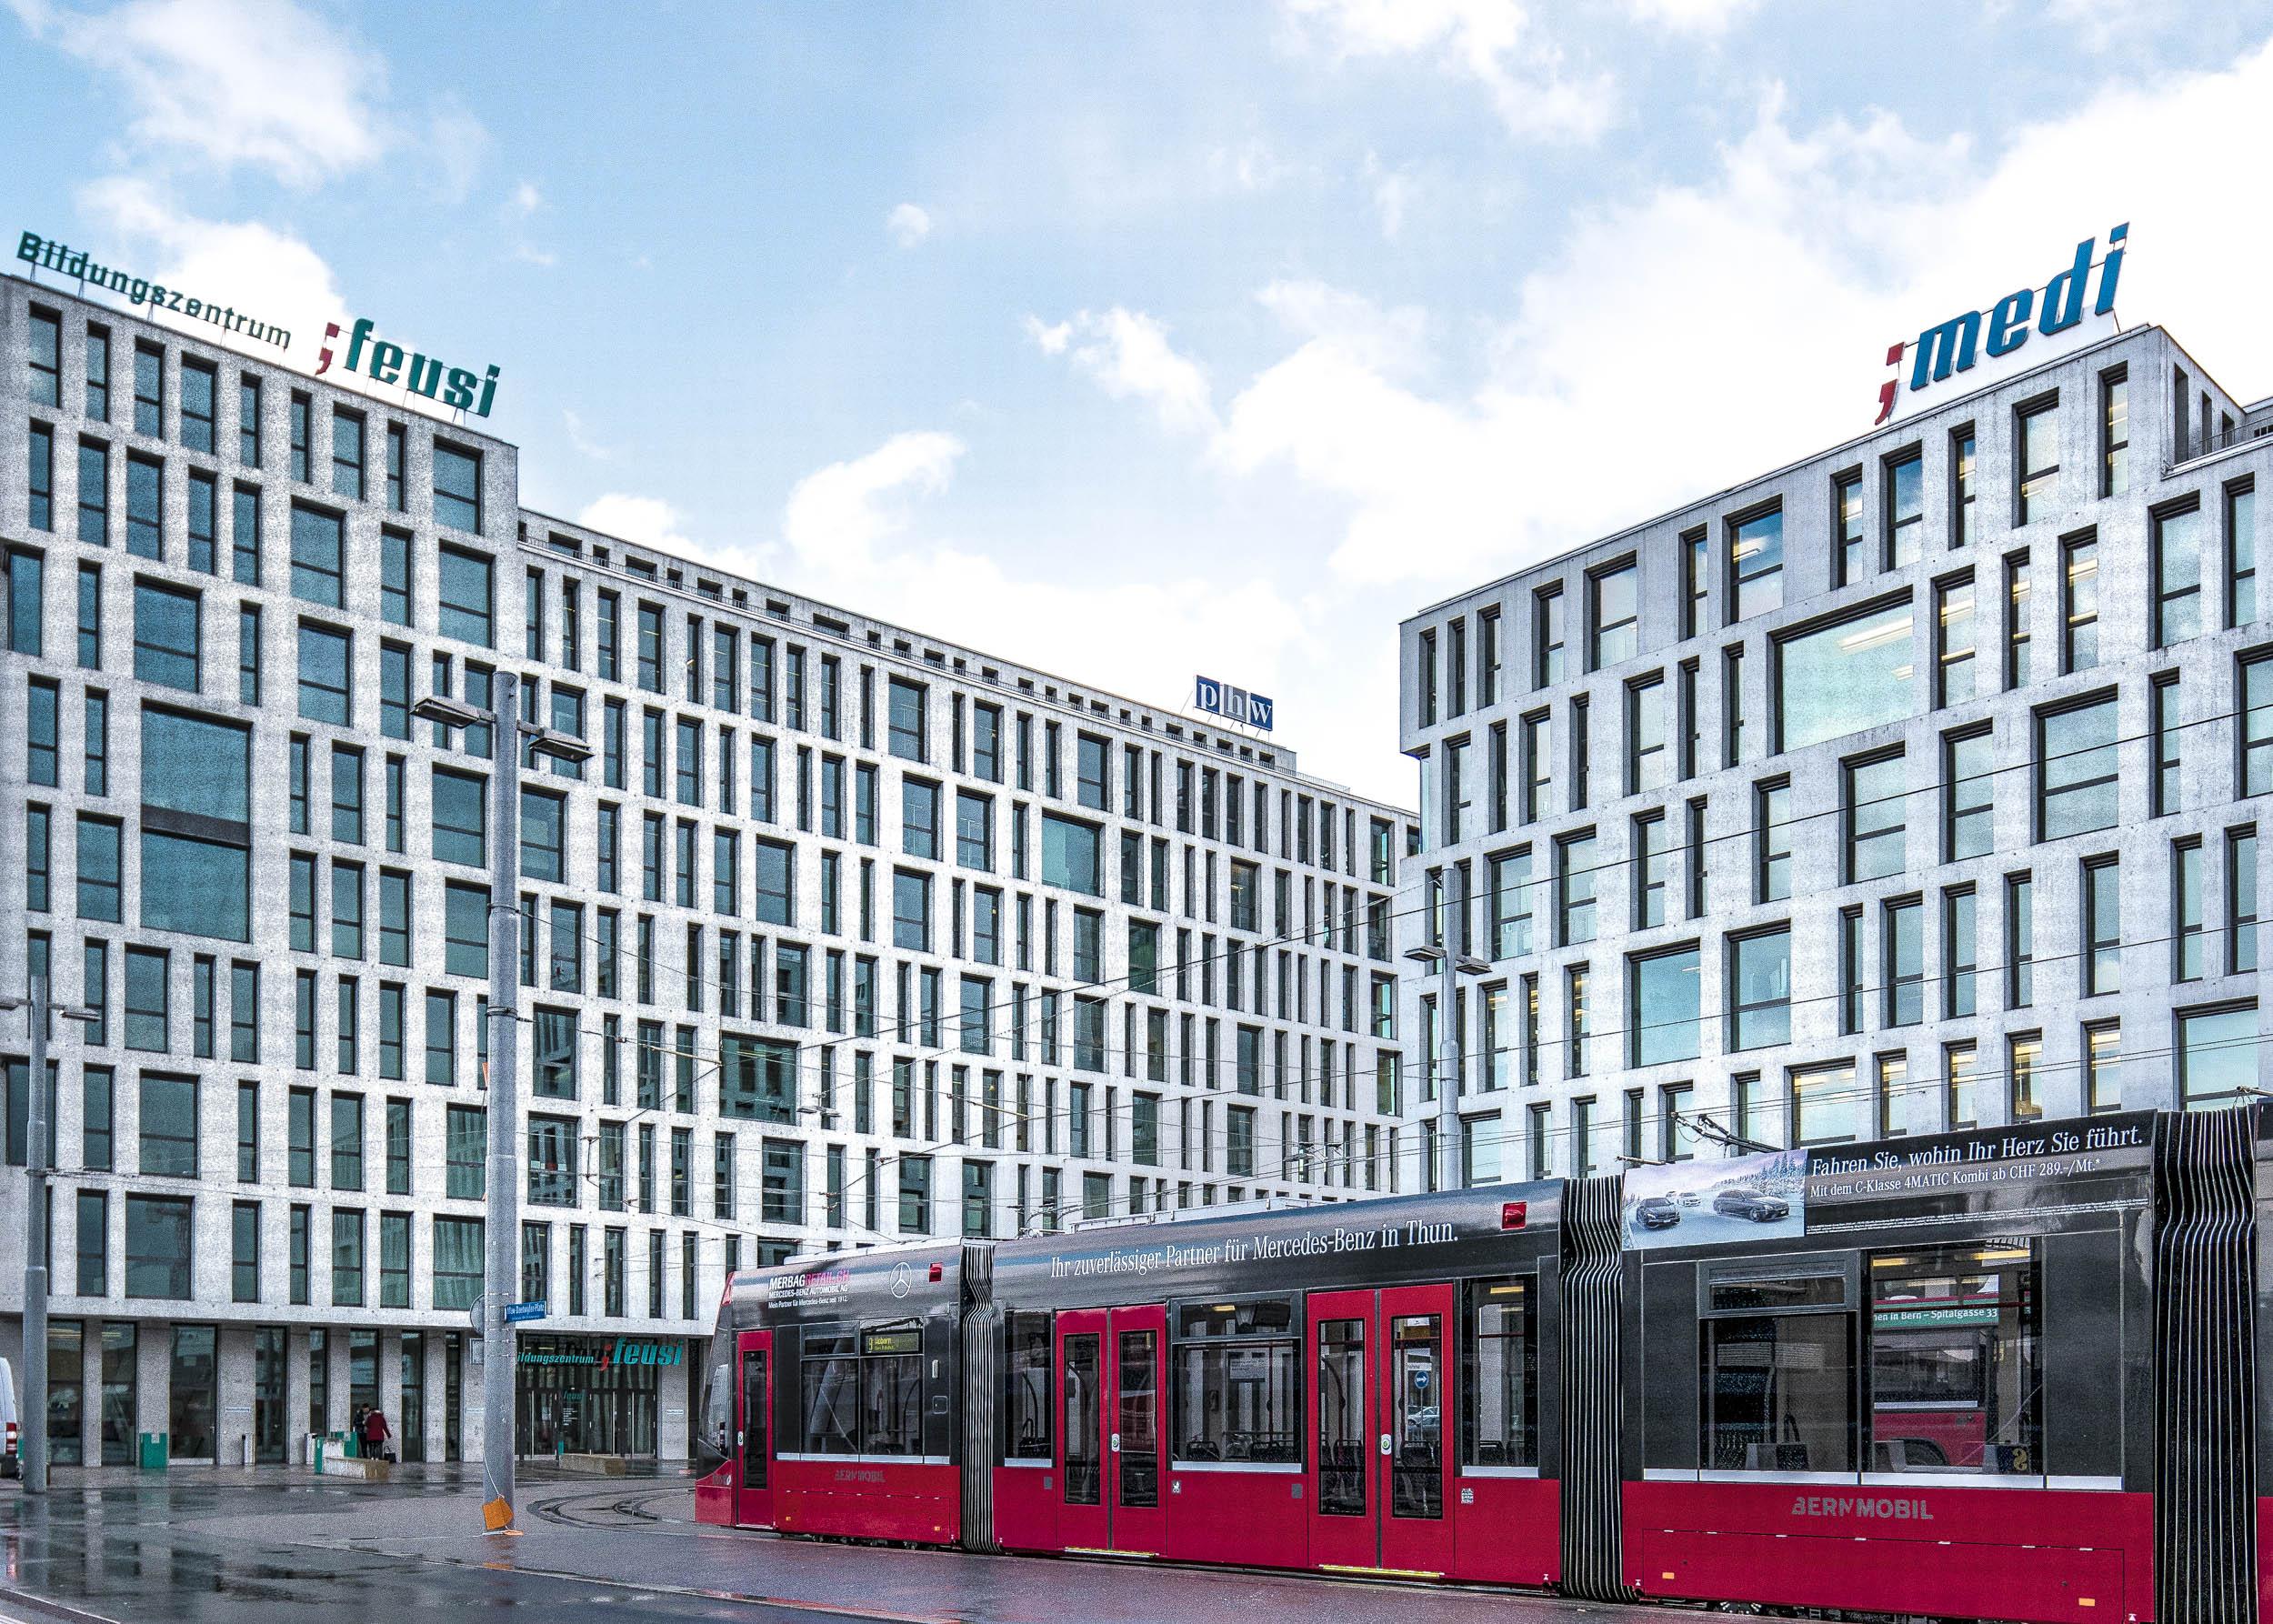 Feusi Bildungszentrum, Bern